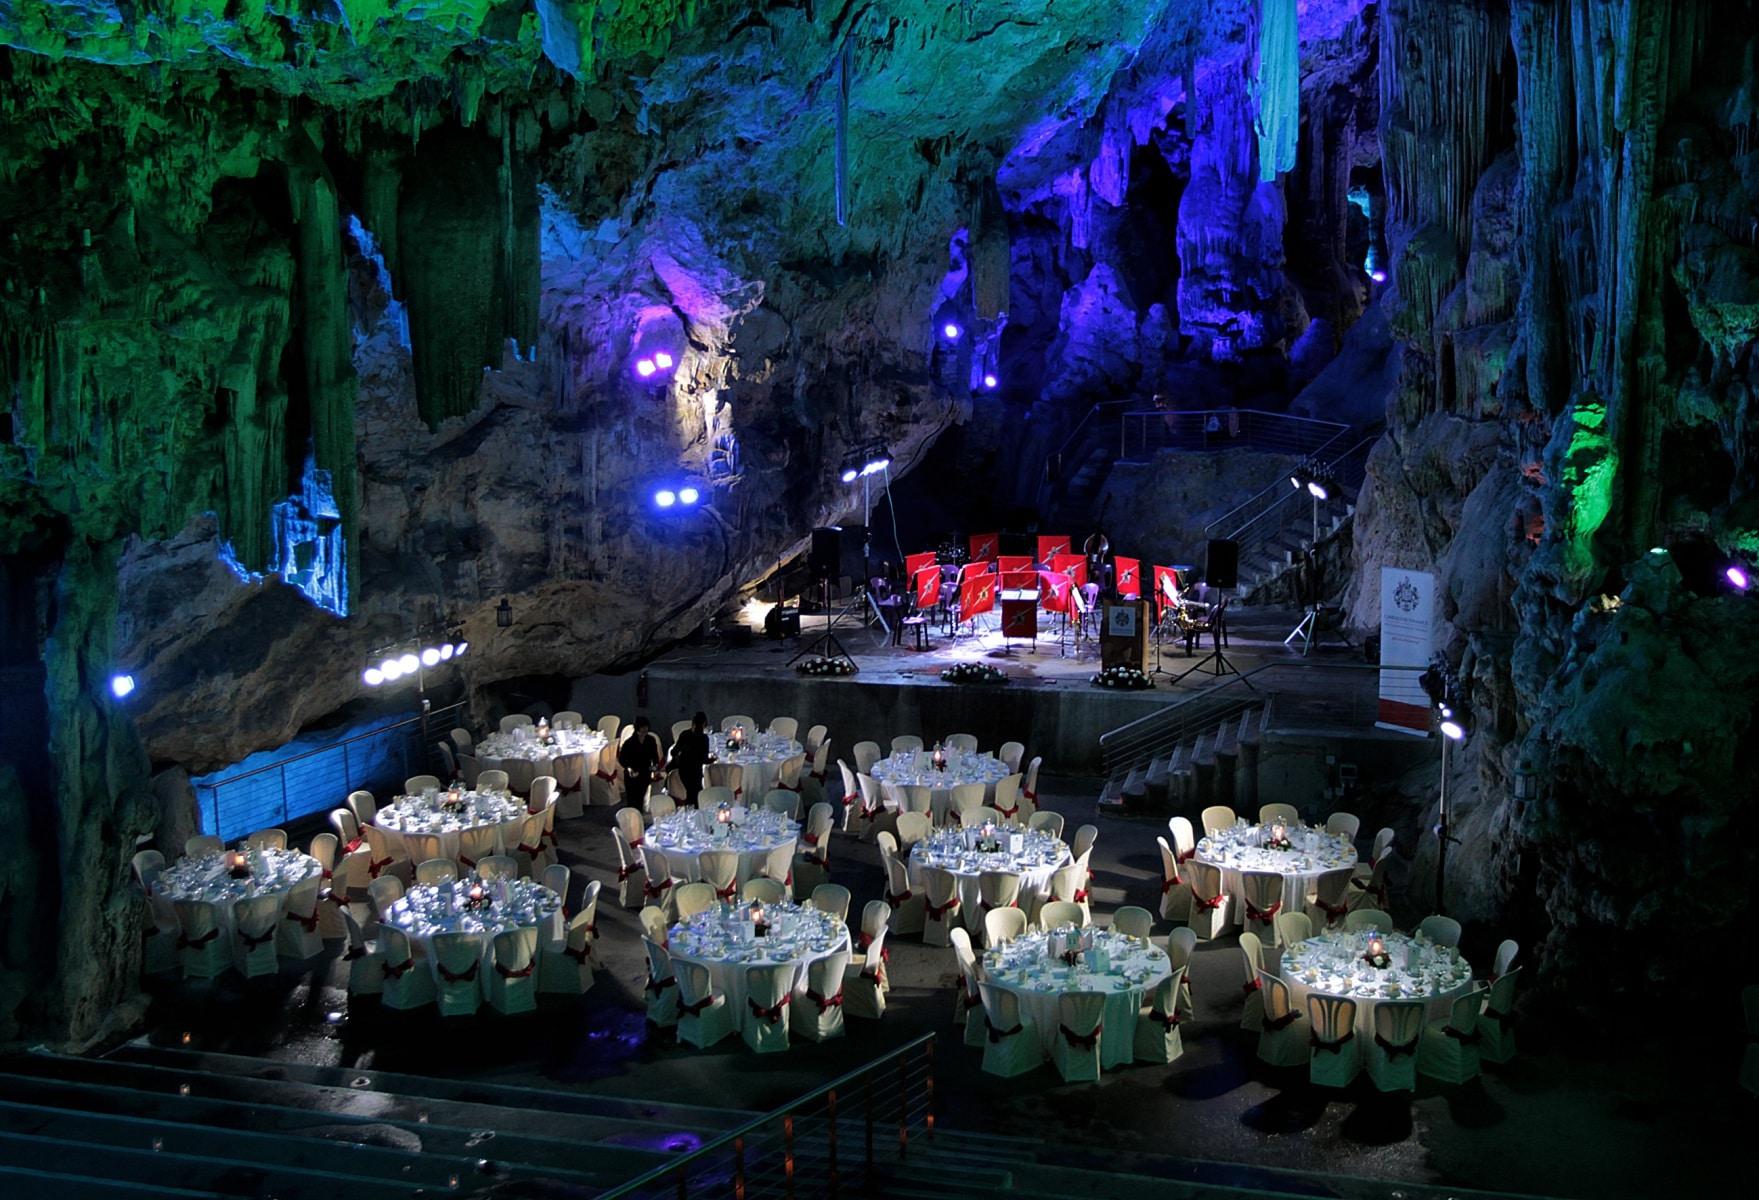 st-michaels-cave-7_39633552141_o